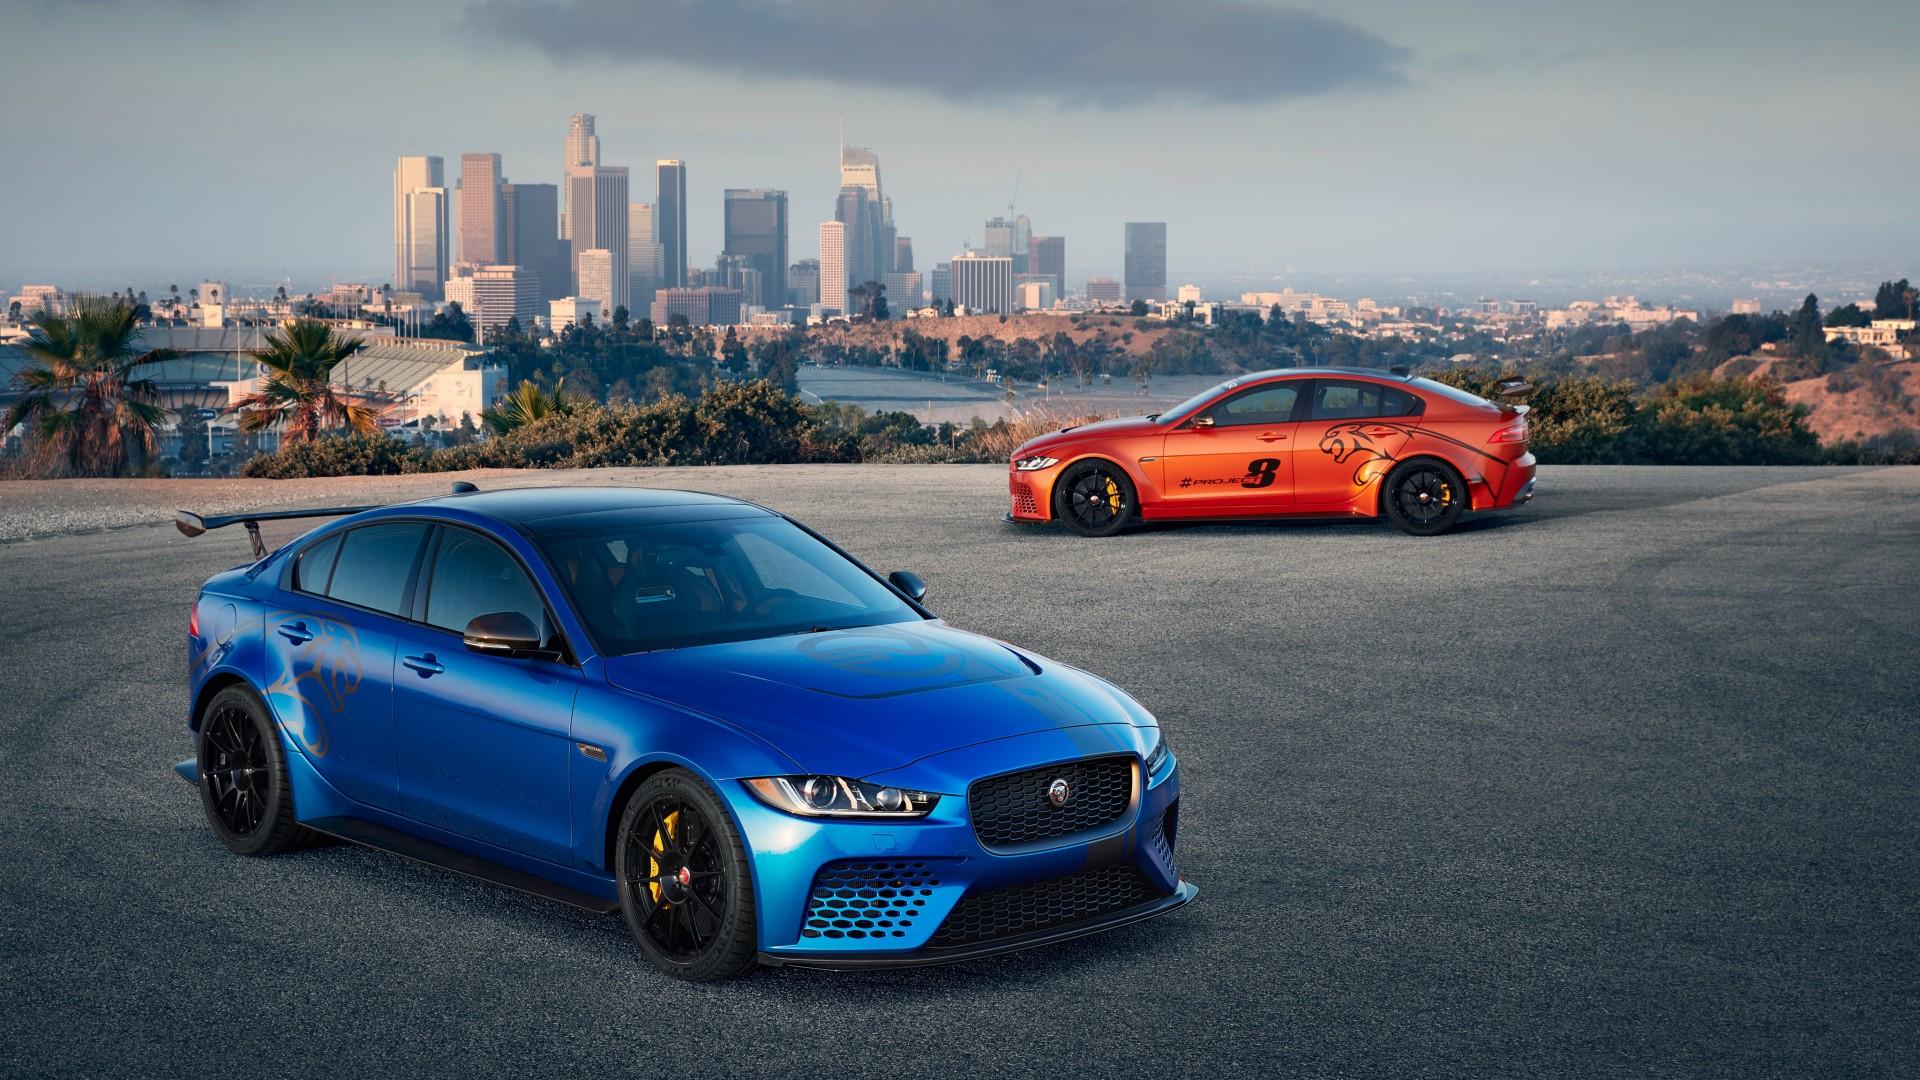 2018 Jaguar Xe Sv Project 8 3 Wallpaper Hd Car Wallpapers Id 8208